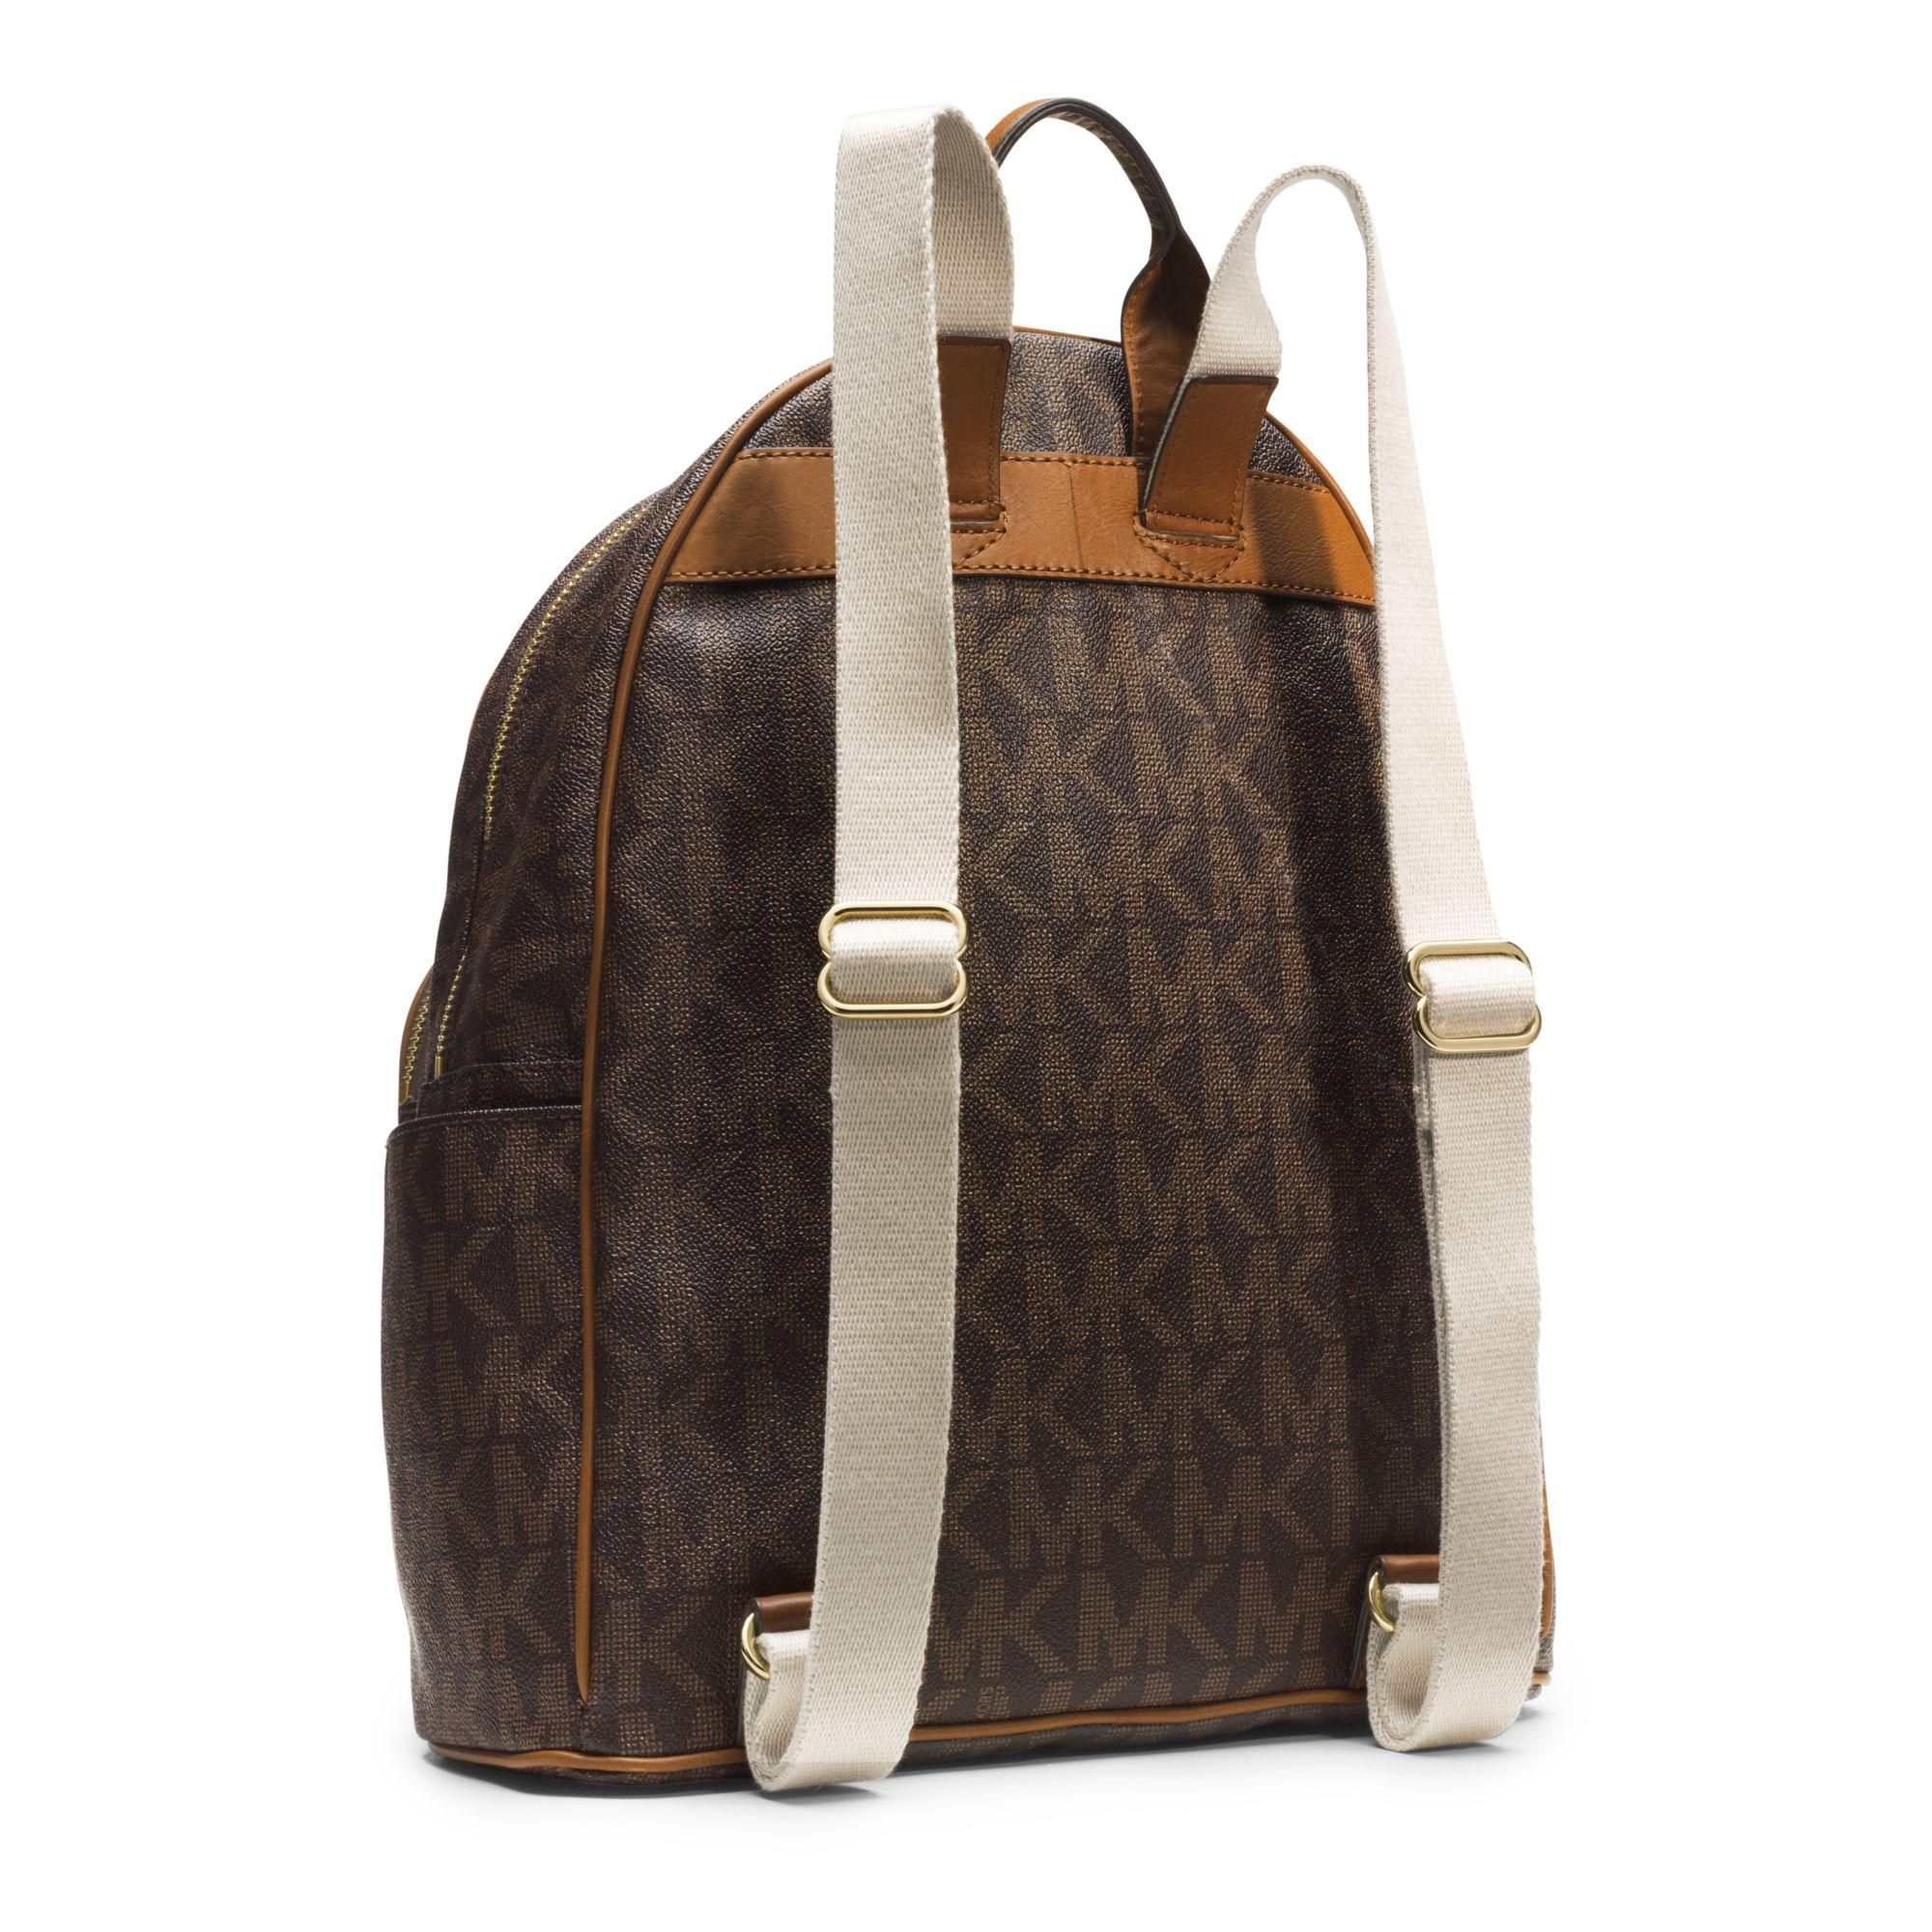 michael kors jet set travel logo backpack in brown lyst. Black Bedroom Furniture Sets. Home Design Ideas